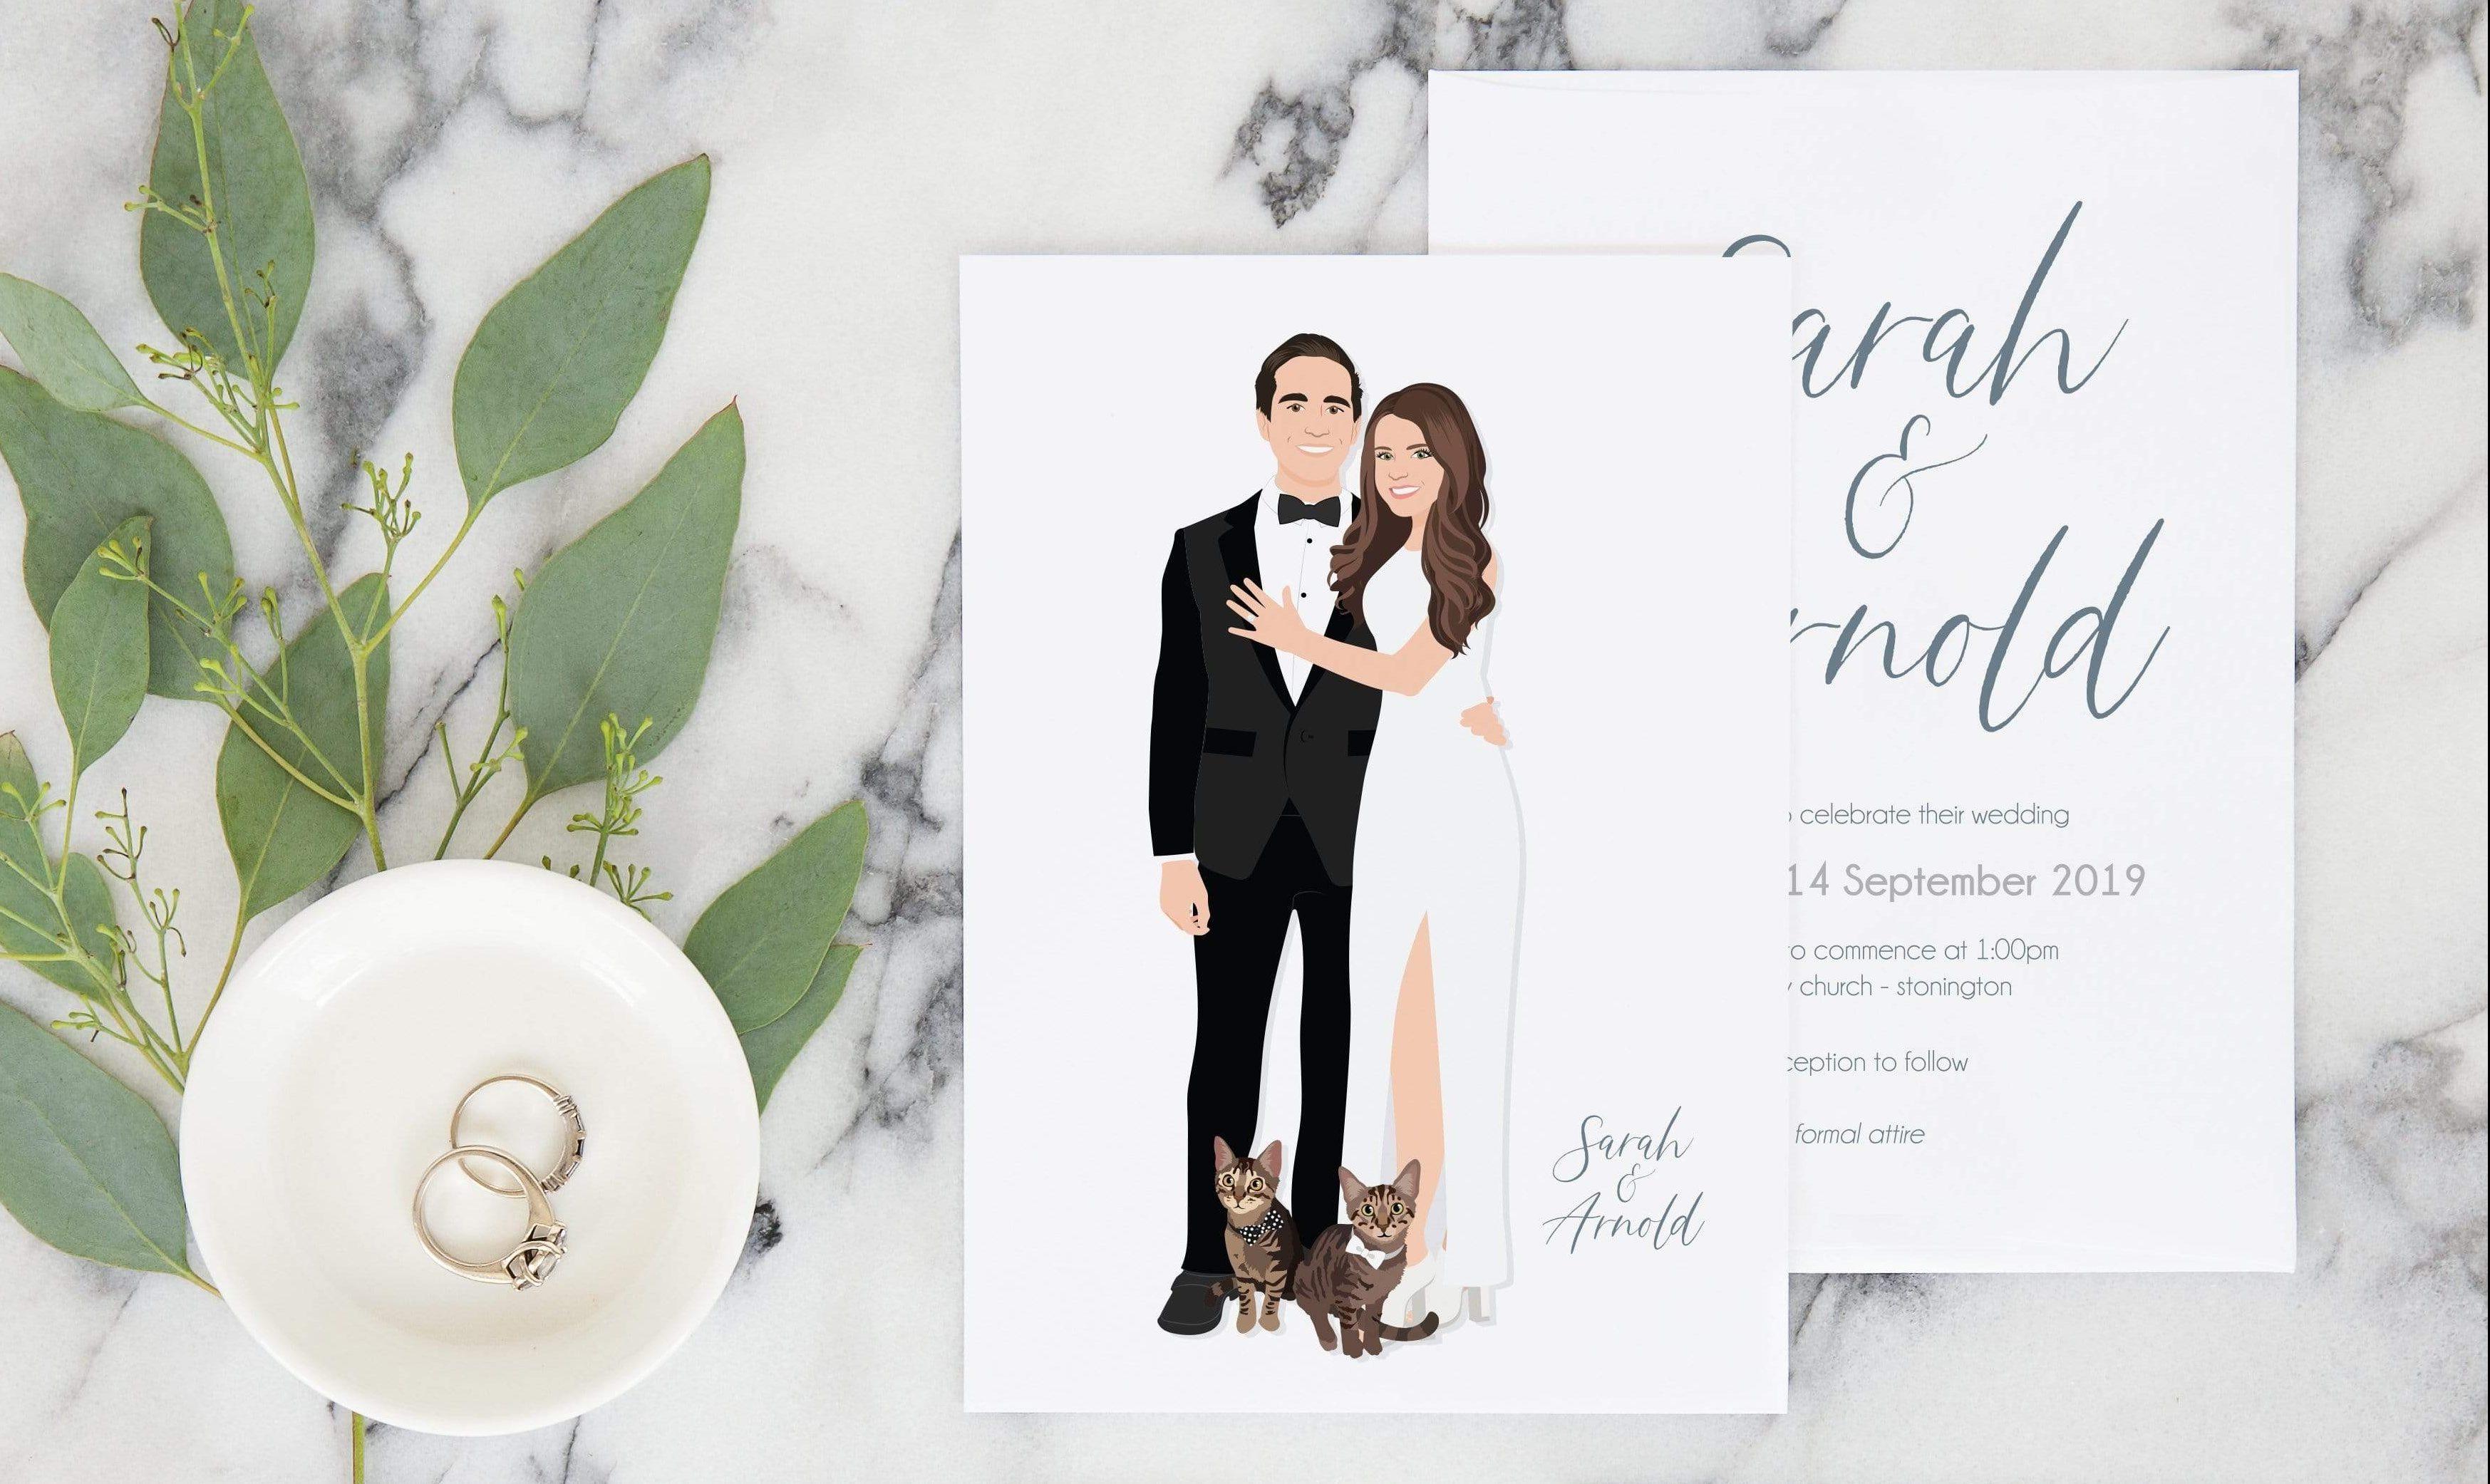 Дизайн пригласительных за свадьбу